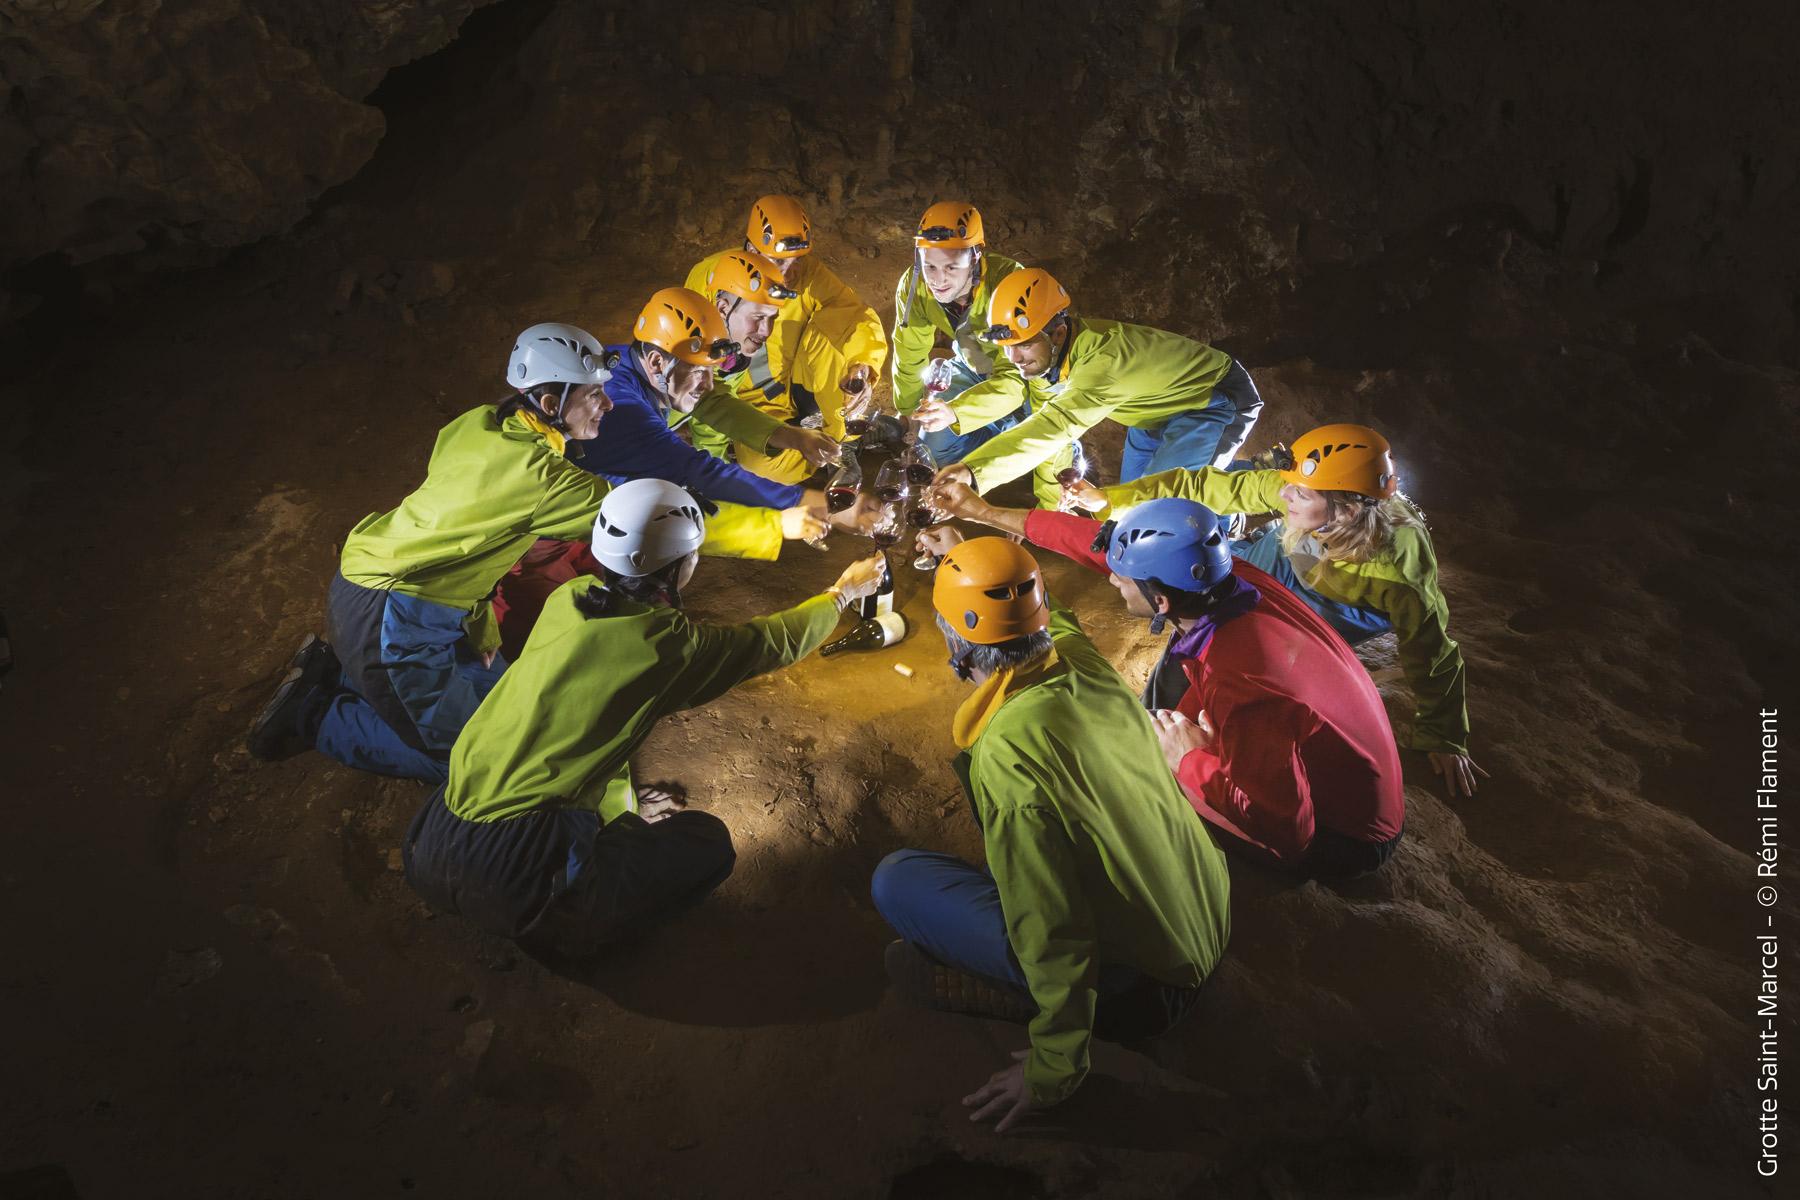 activité speleonologie-_grotte-de-saint-marcel-d_ardeche-flament